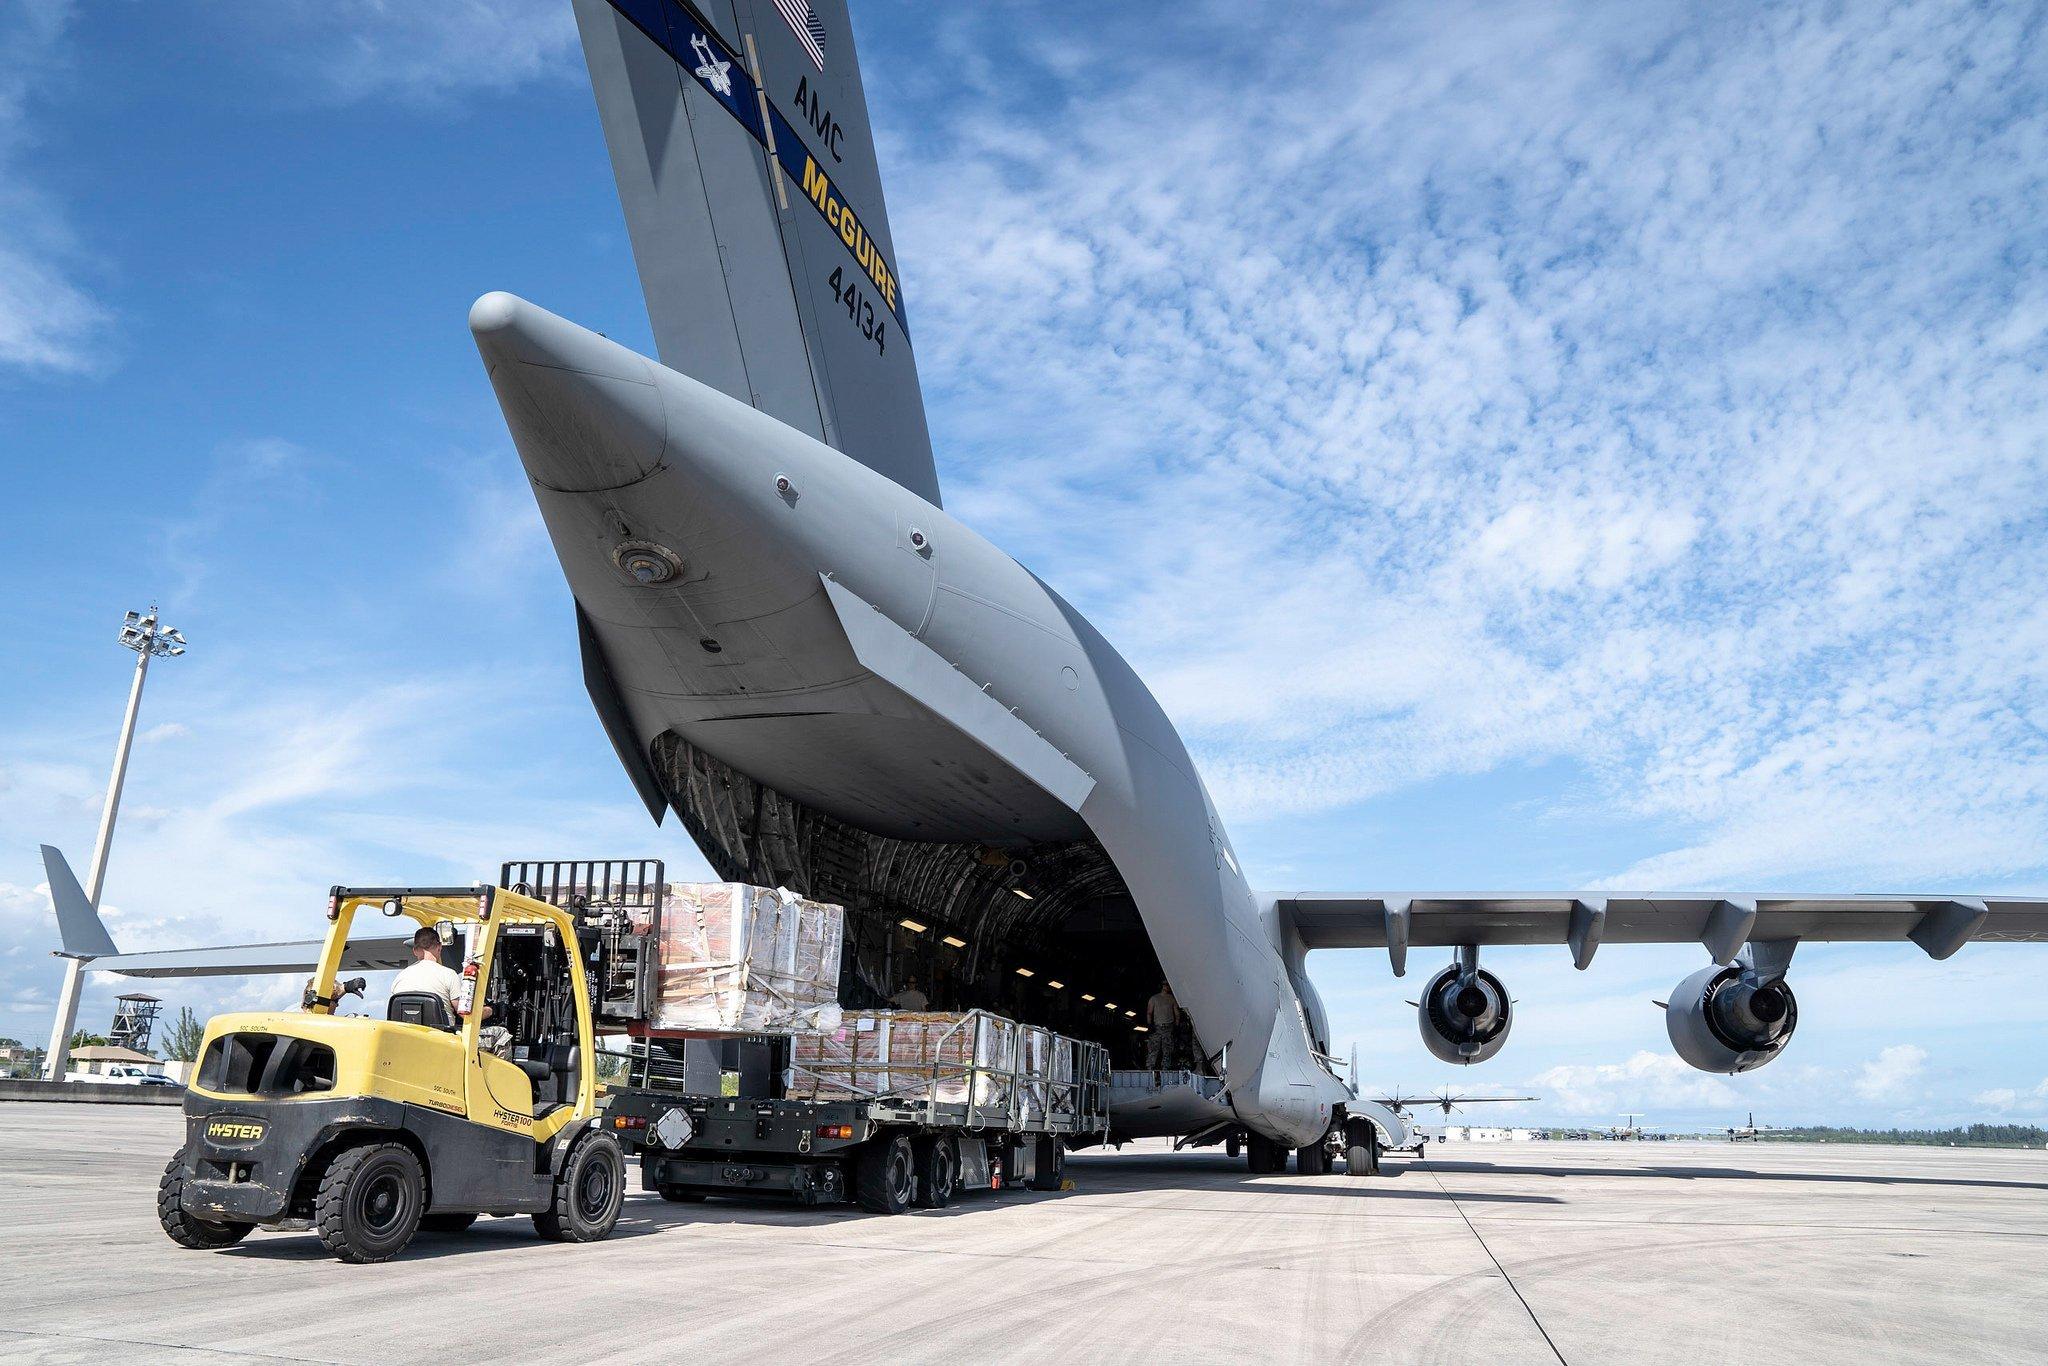 موظفو سرب الميناء الجوي في 70th يقومون بتحميل طائرة شحن من طراز C-17 Globemaster III من قاعدة مشتركة McGuire-Dix-Lakehurst ، NJ ، مع تسليم المساعدات الإنسانية إلى كوكوتا ، كولومبيا ، لتوزيعها في النهاية من قِبل منظمات الإغاثة على الأرض لفنزويليين. ، 16. (صورة سلاح الجو الأمريكي / الرقيب بن هايز)